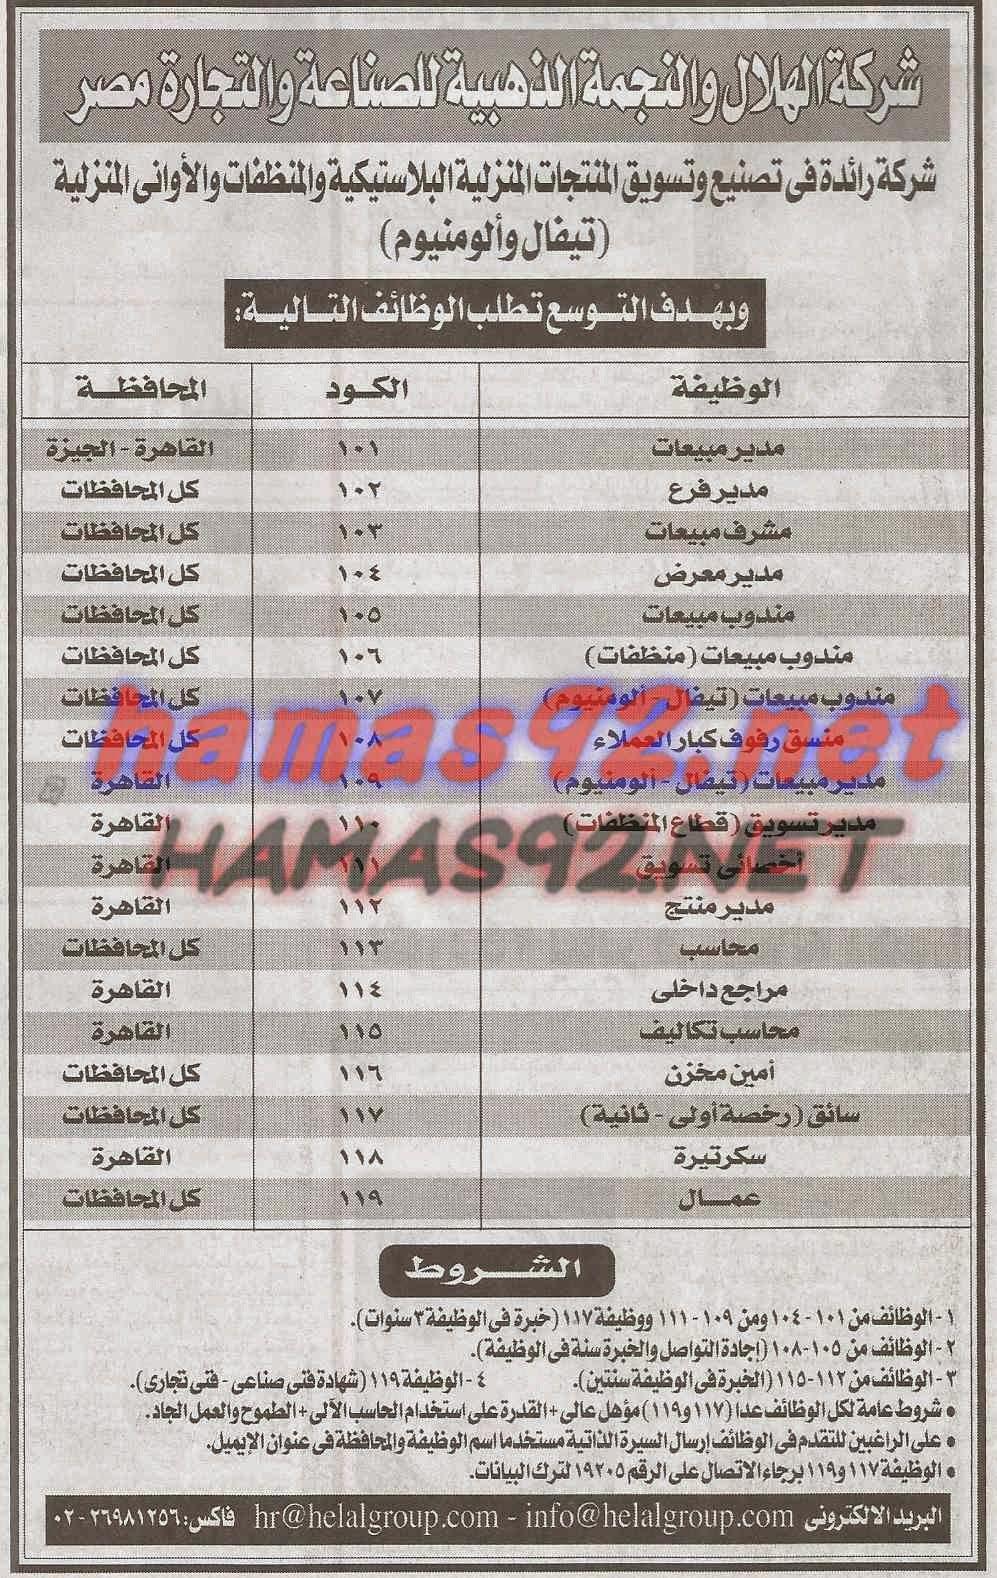 وظائف خالية مصرية وعربية وظائف شركة الهلال و النجمة الذهبية السبت 05 07 201 Event Ticket